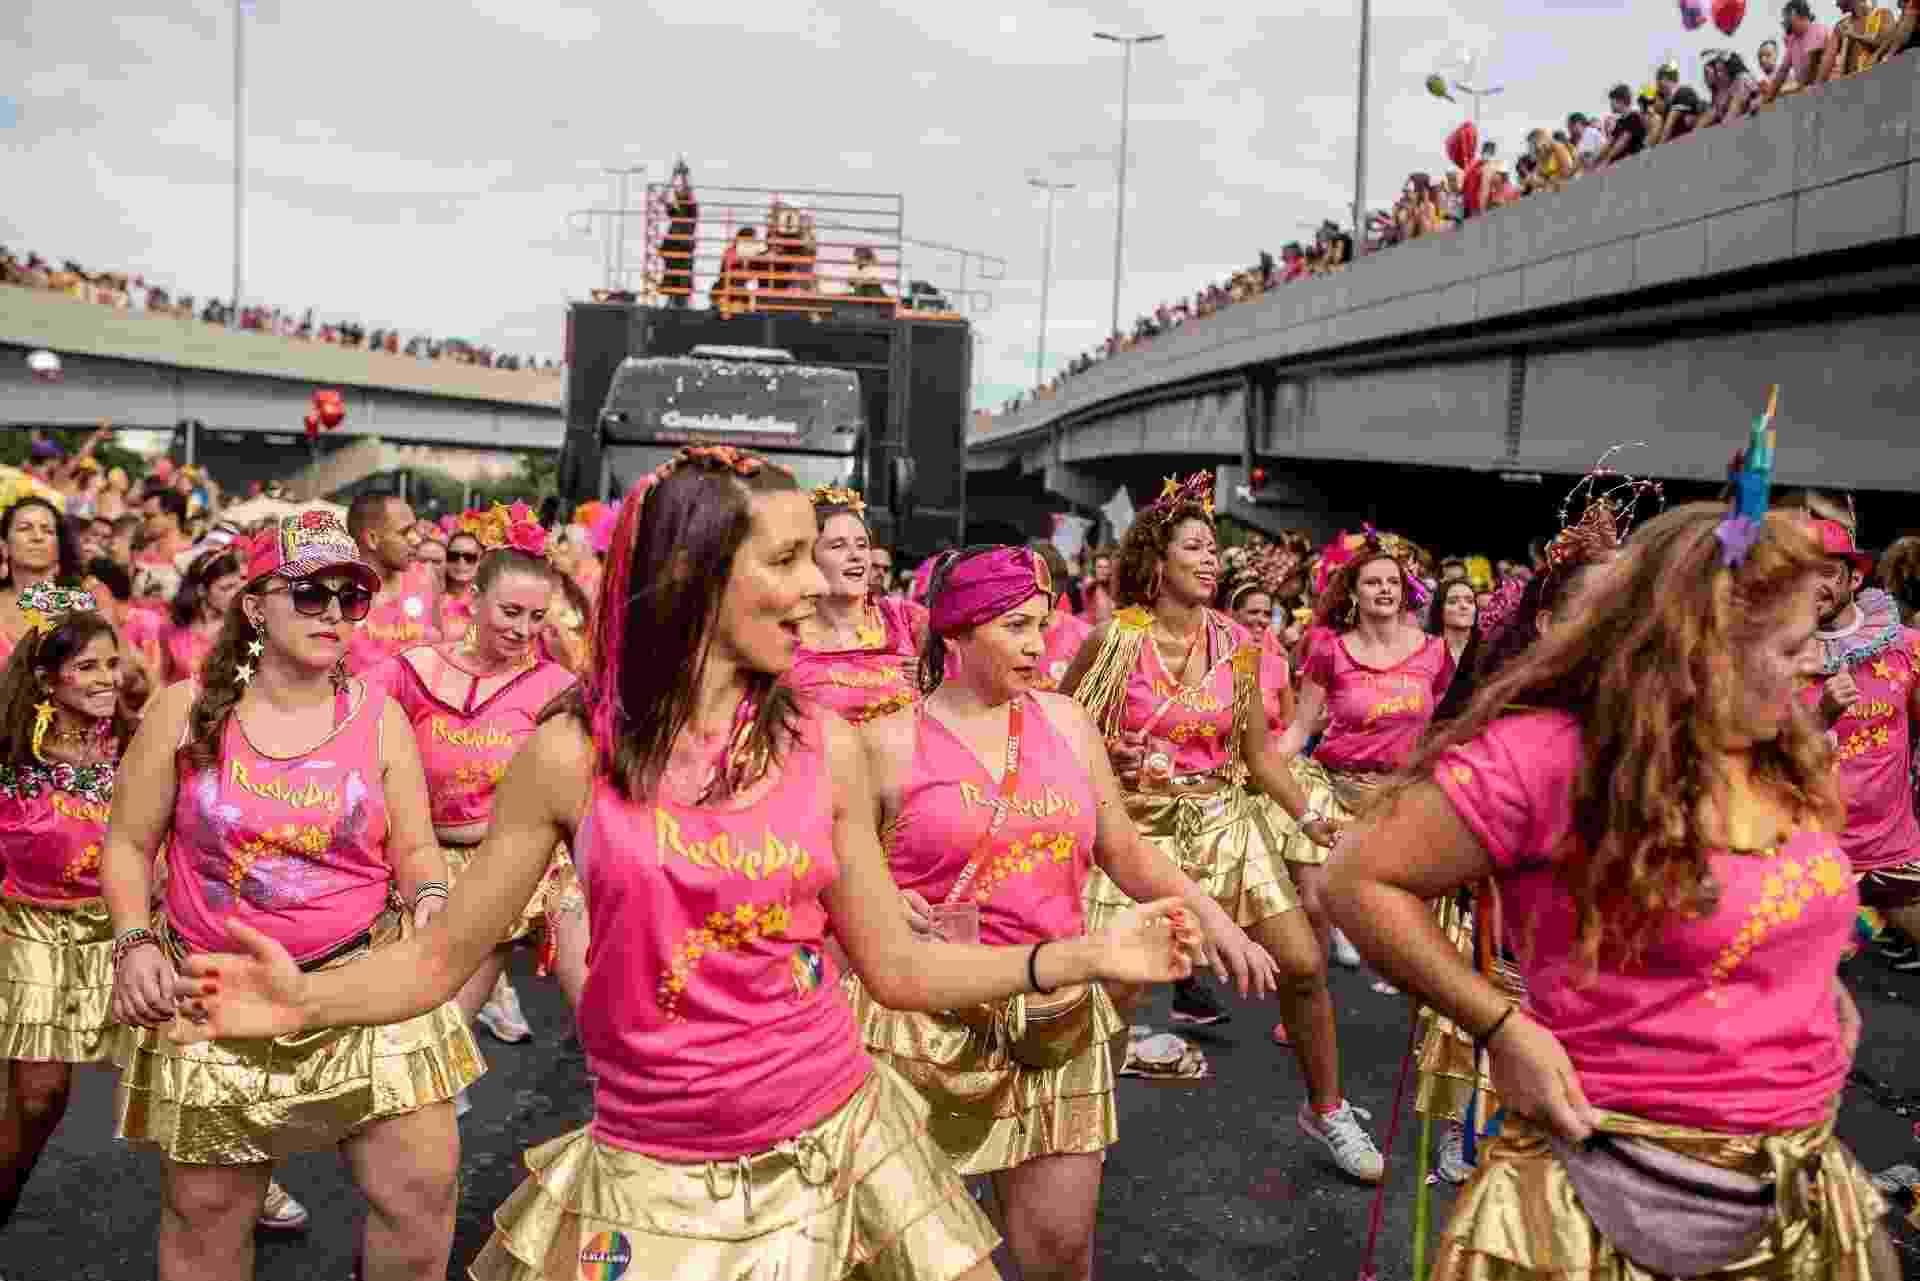 Foliões curtem o bloco Então Brilha com muita purpurina pelas ruas de Belo Horizonte, em Minas Gerais - Nereu Jr./UOL